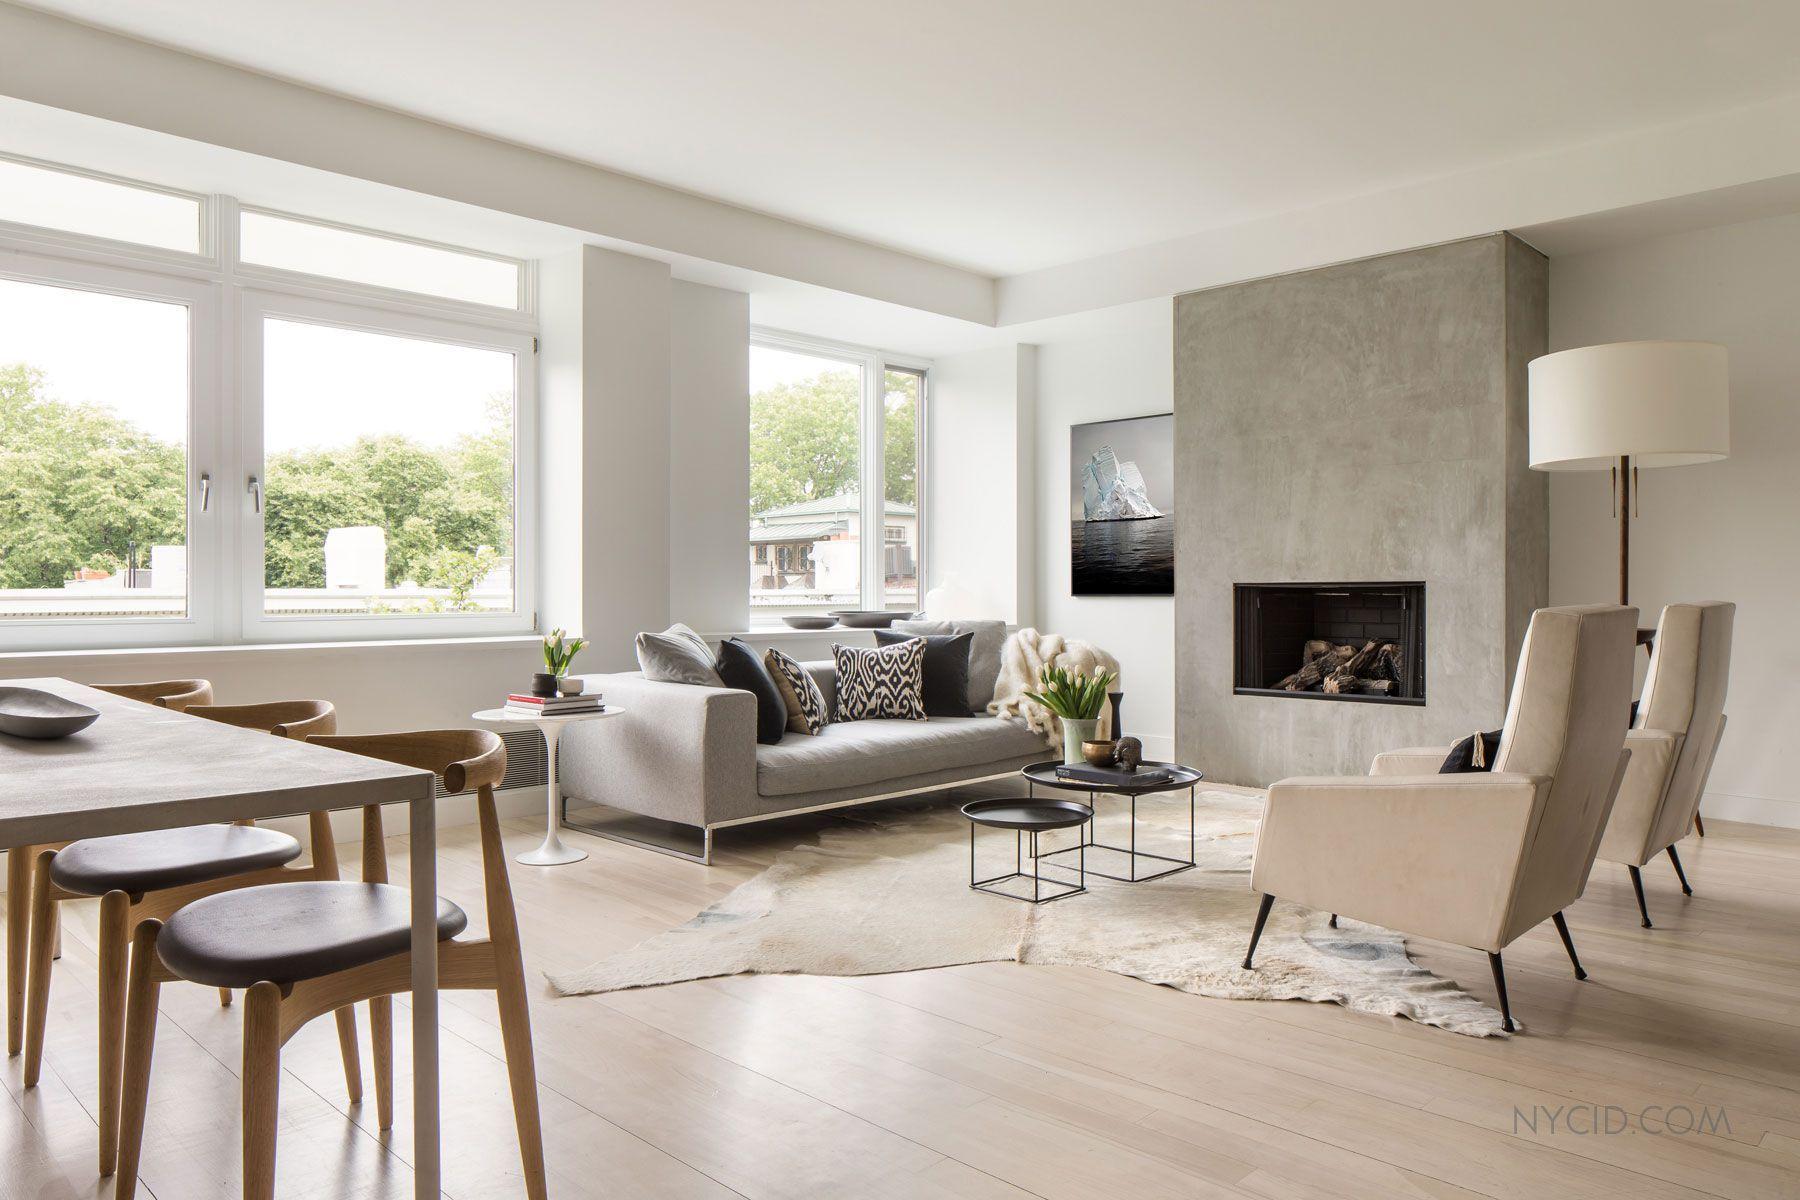 West Village Duplex By NYC Interior Design   CAANdesign | Architecture And Home  Design Blog